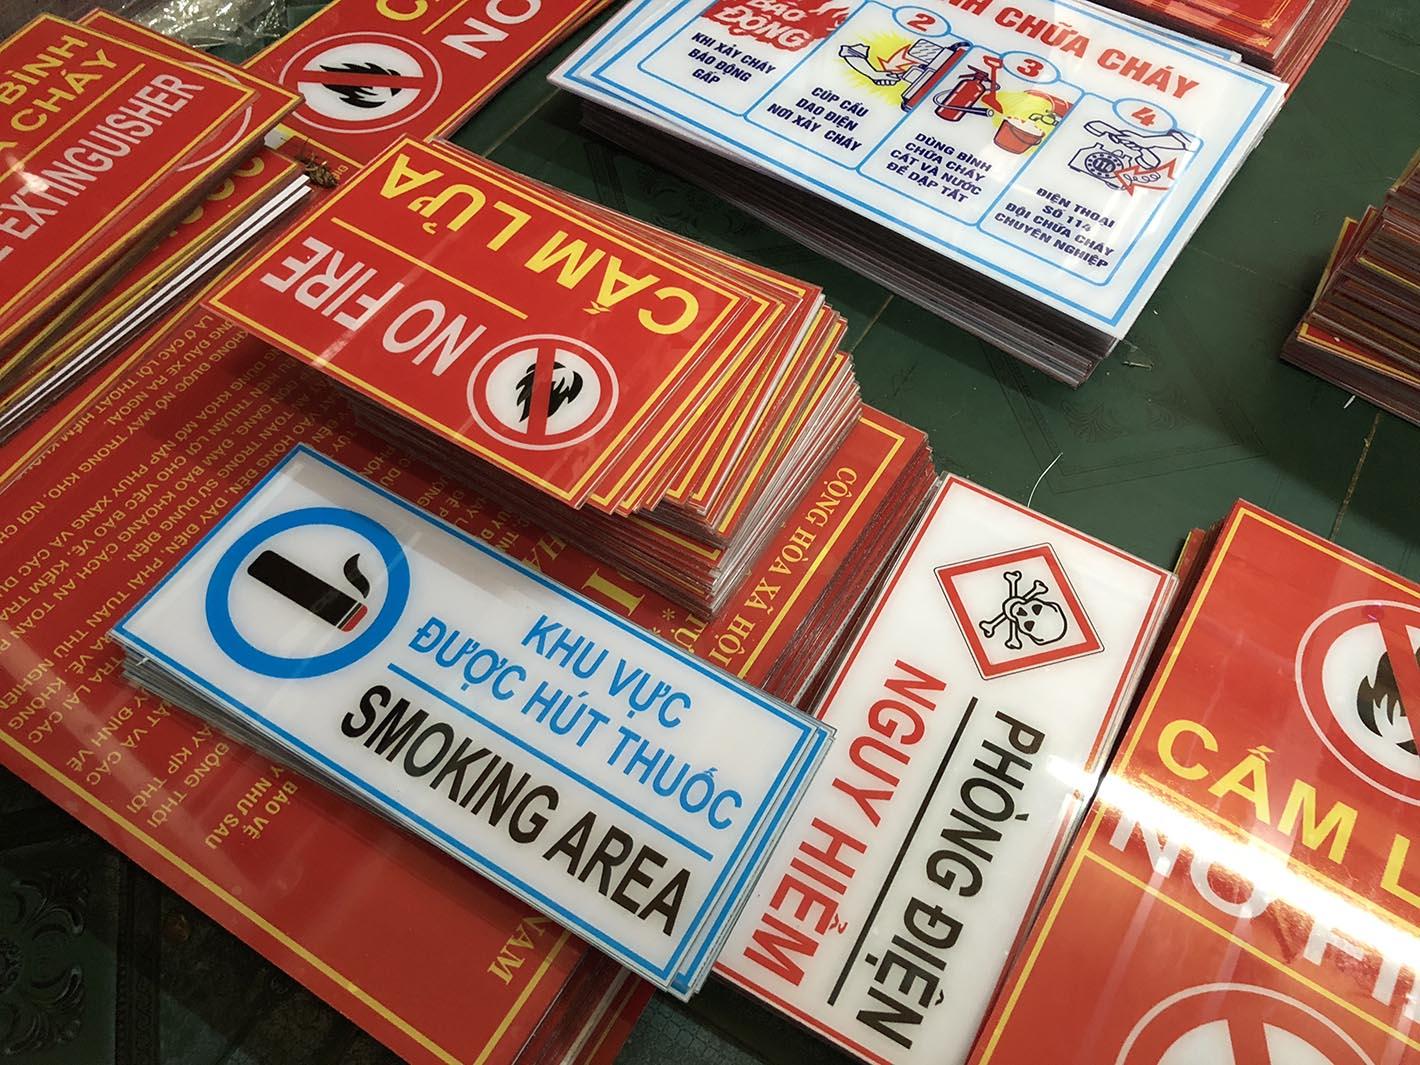 bảng khu vực được hút thuốc / smoking area